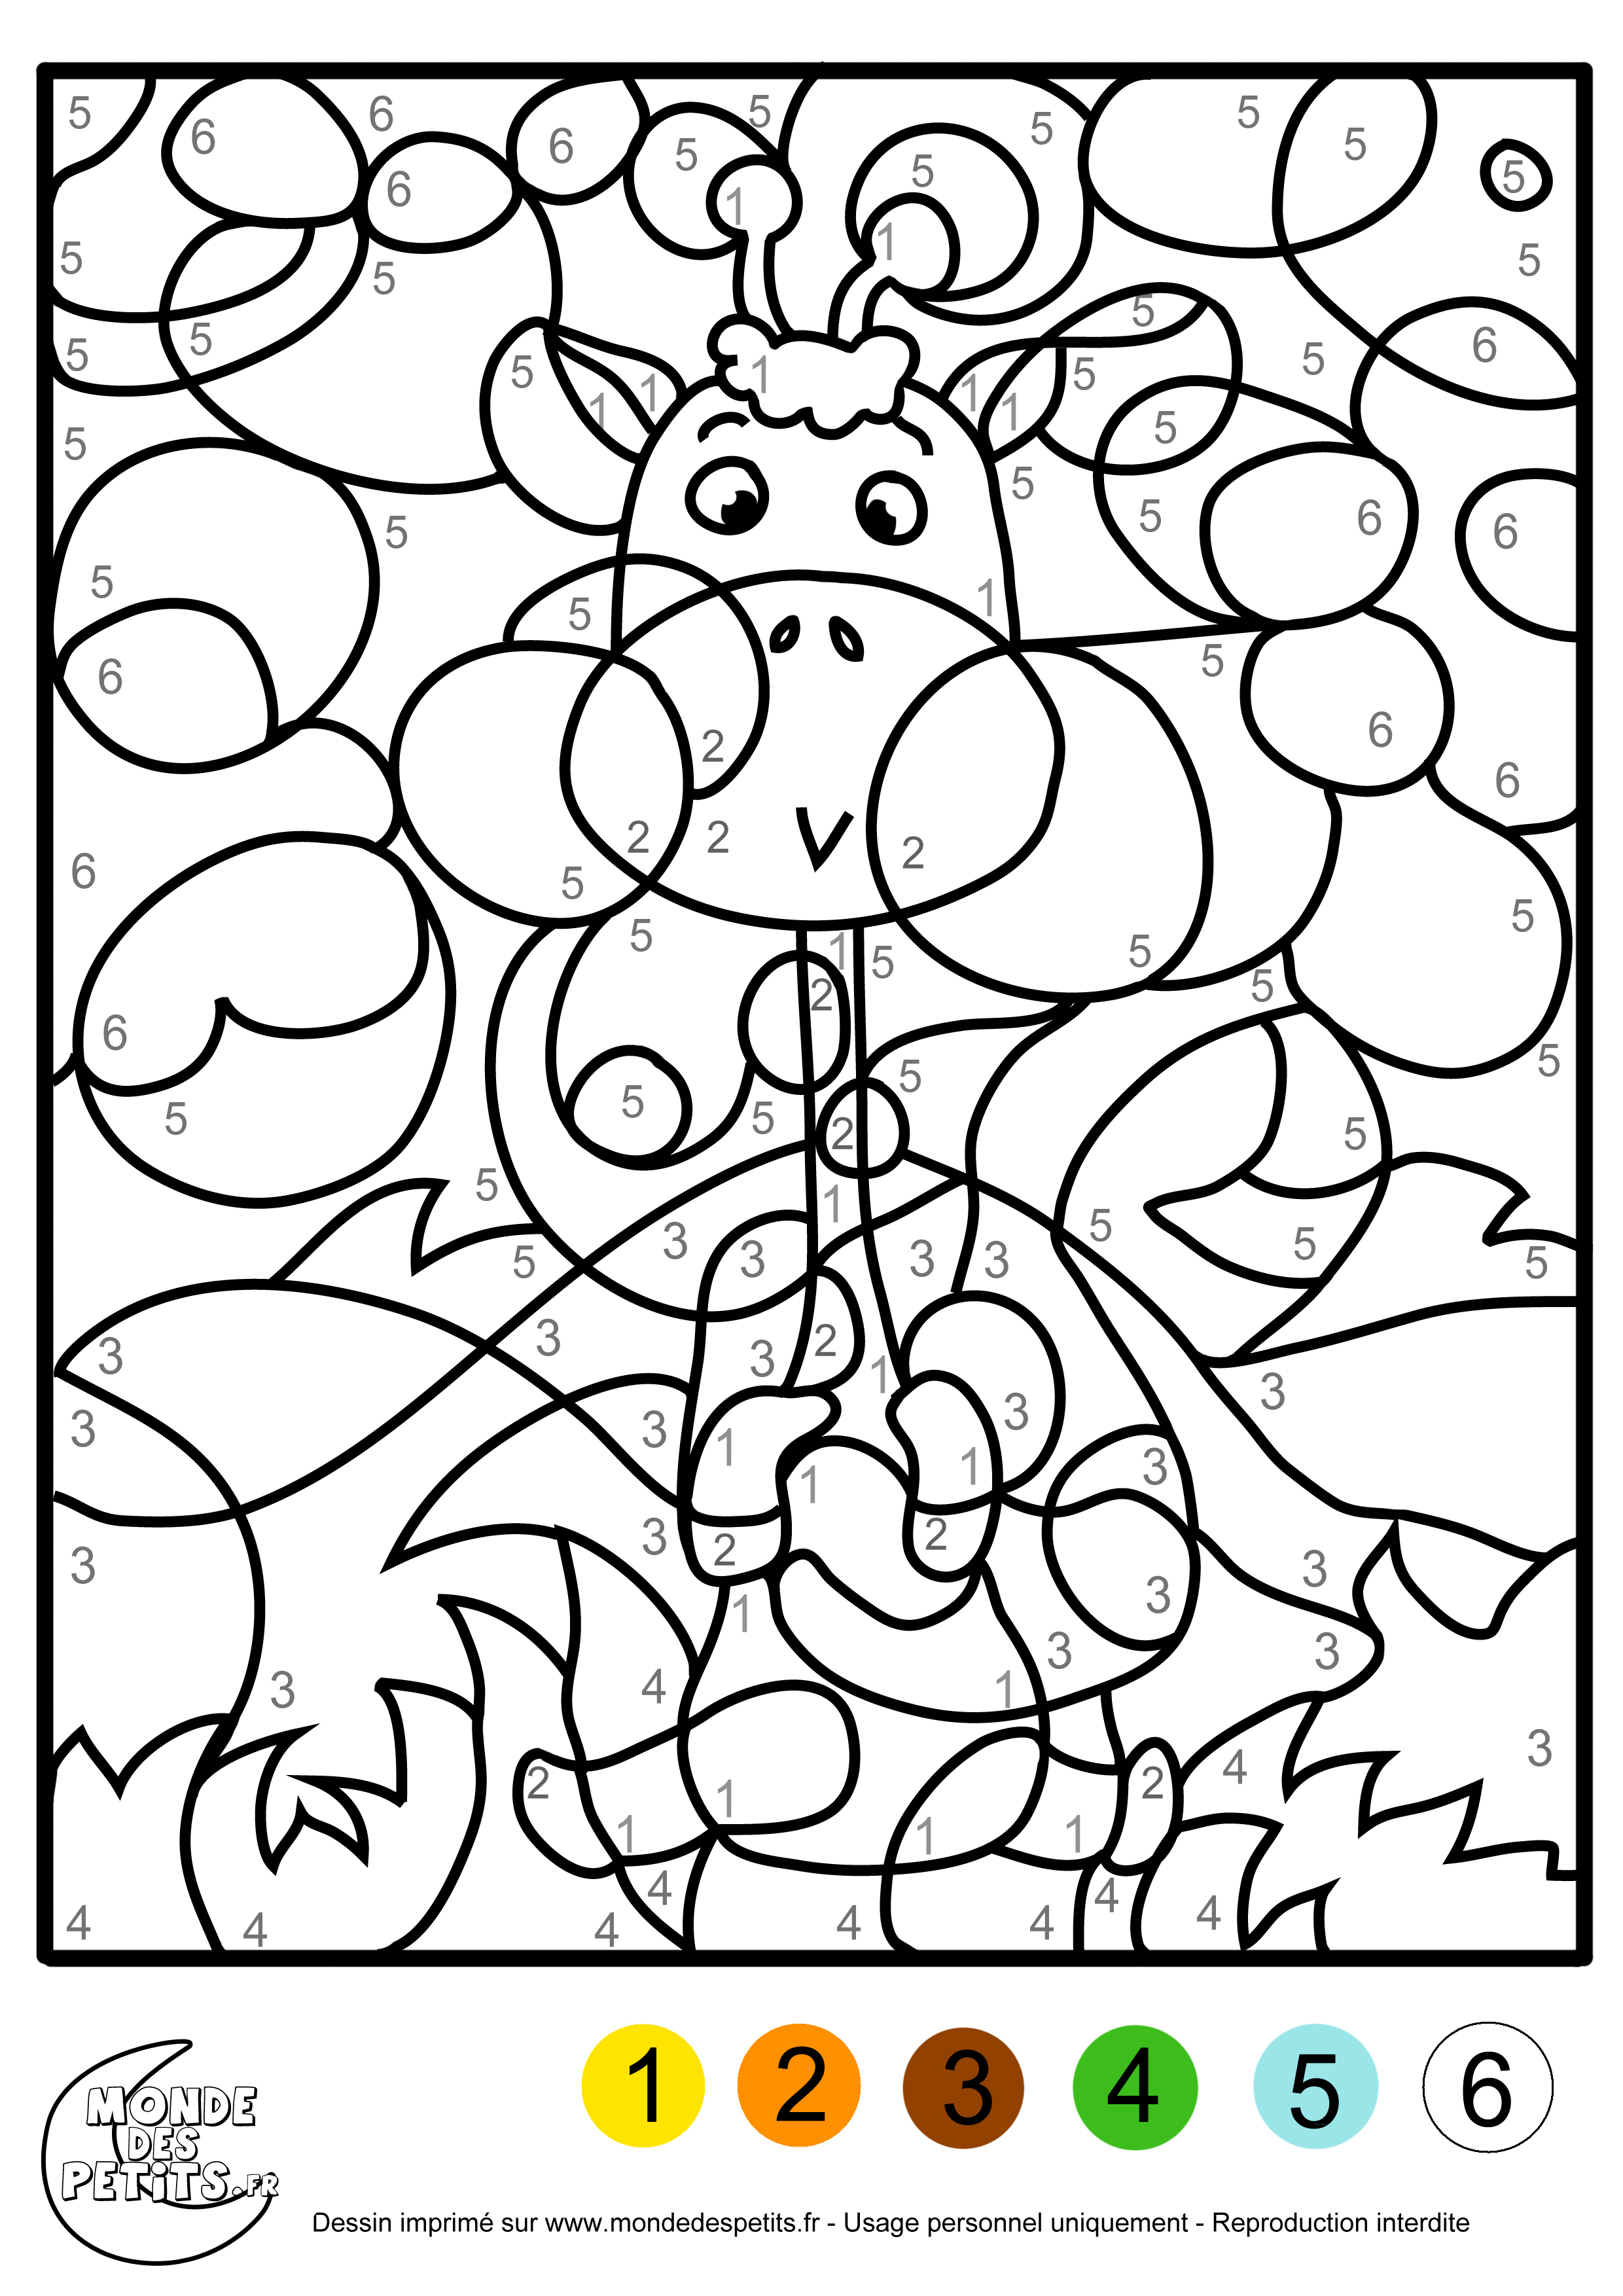 Monde des petits coloriages imprimer - Dessin de chiffre ...